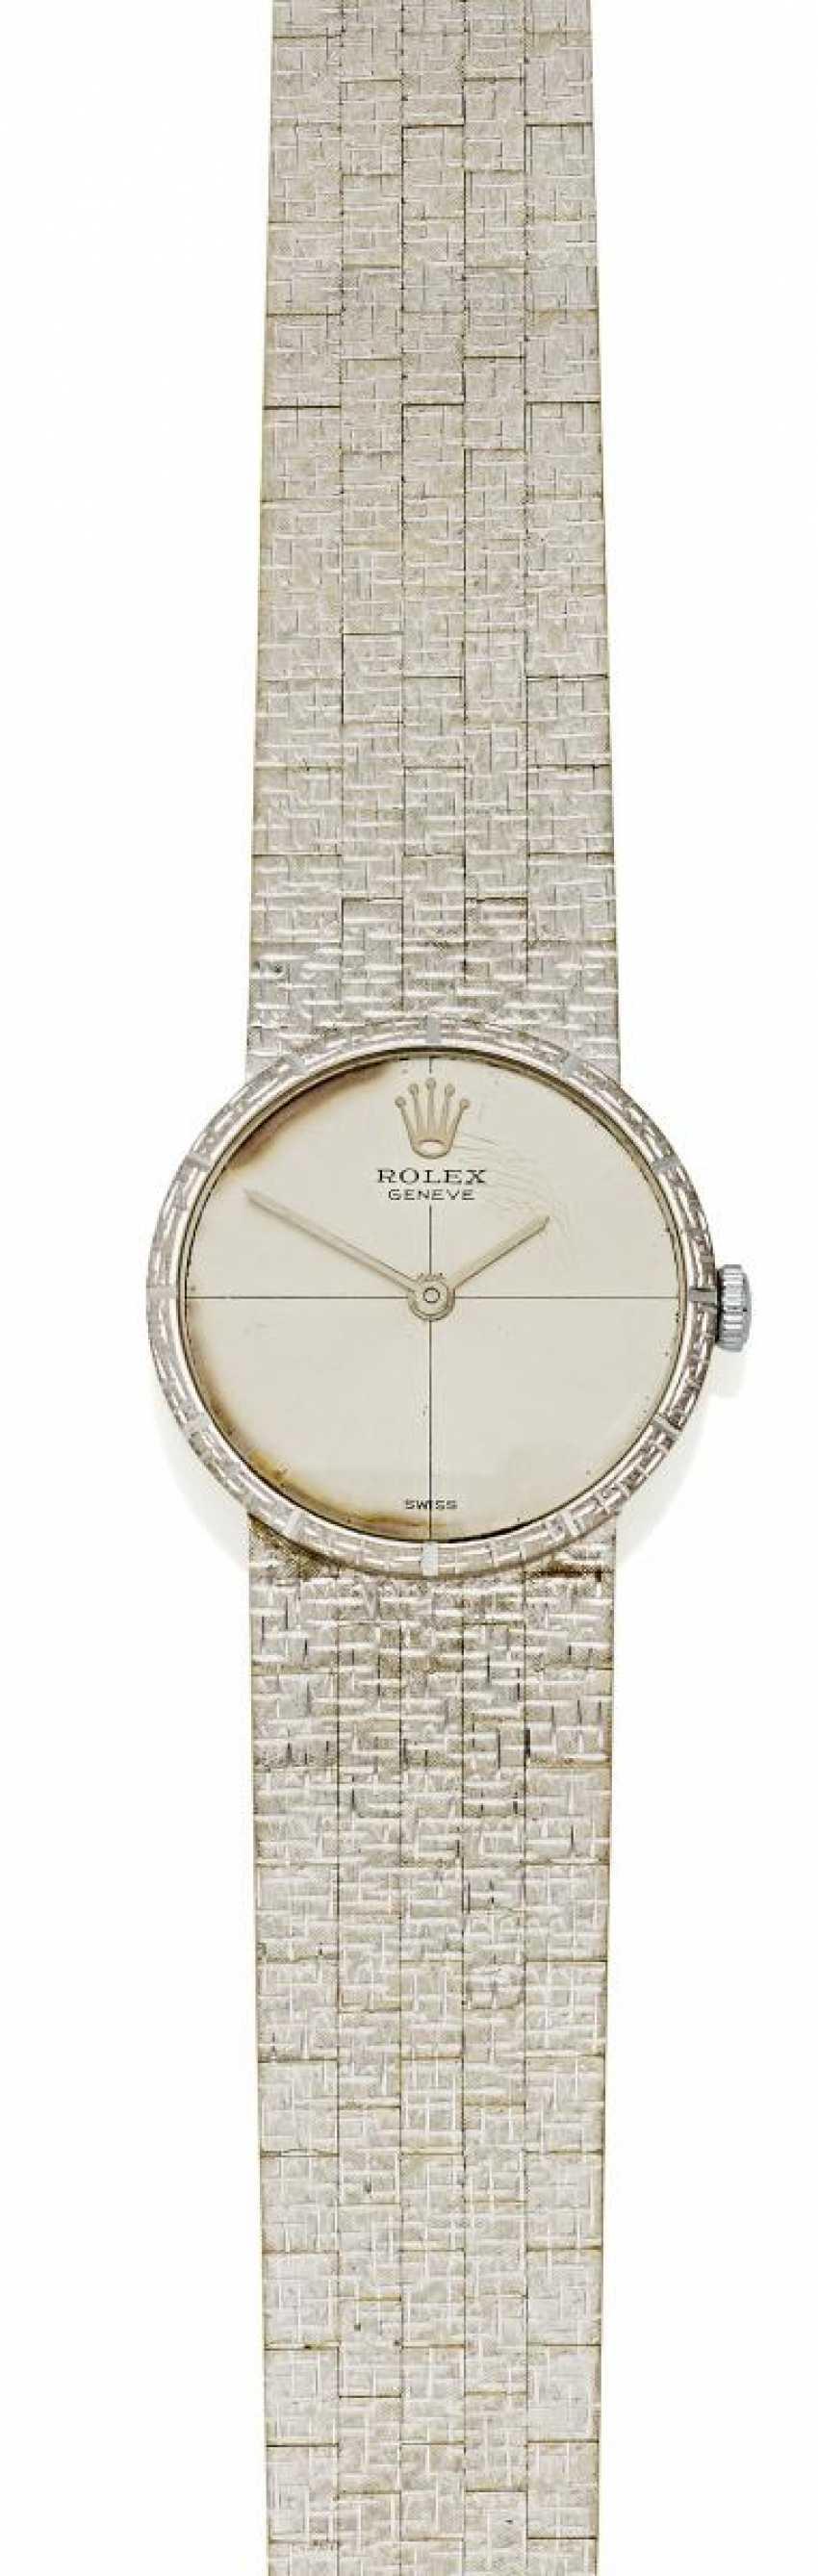 Watch Rolex, Switzerland. - photo 1